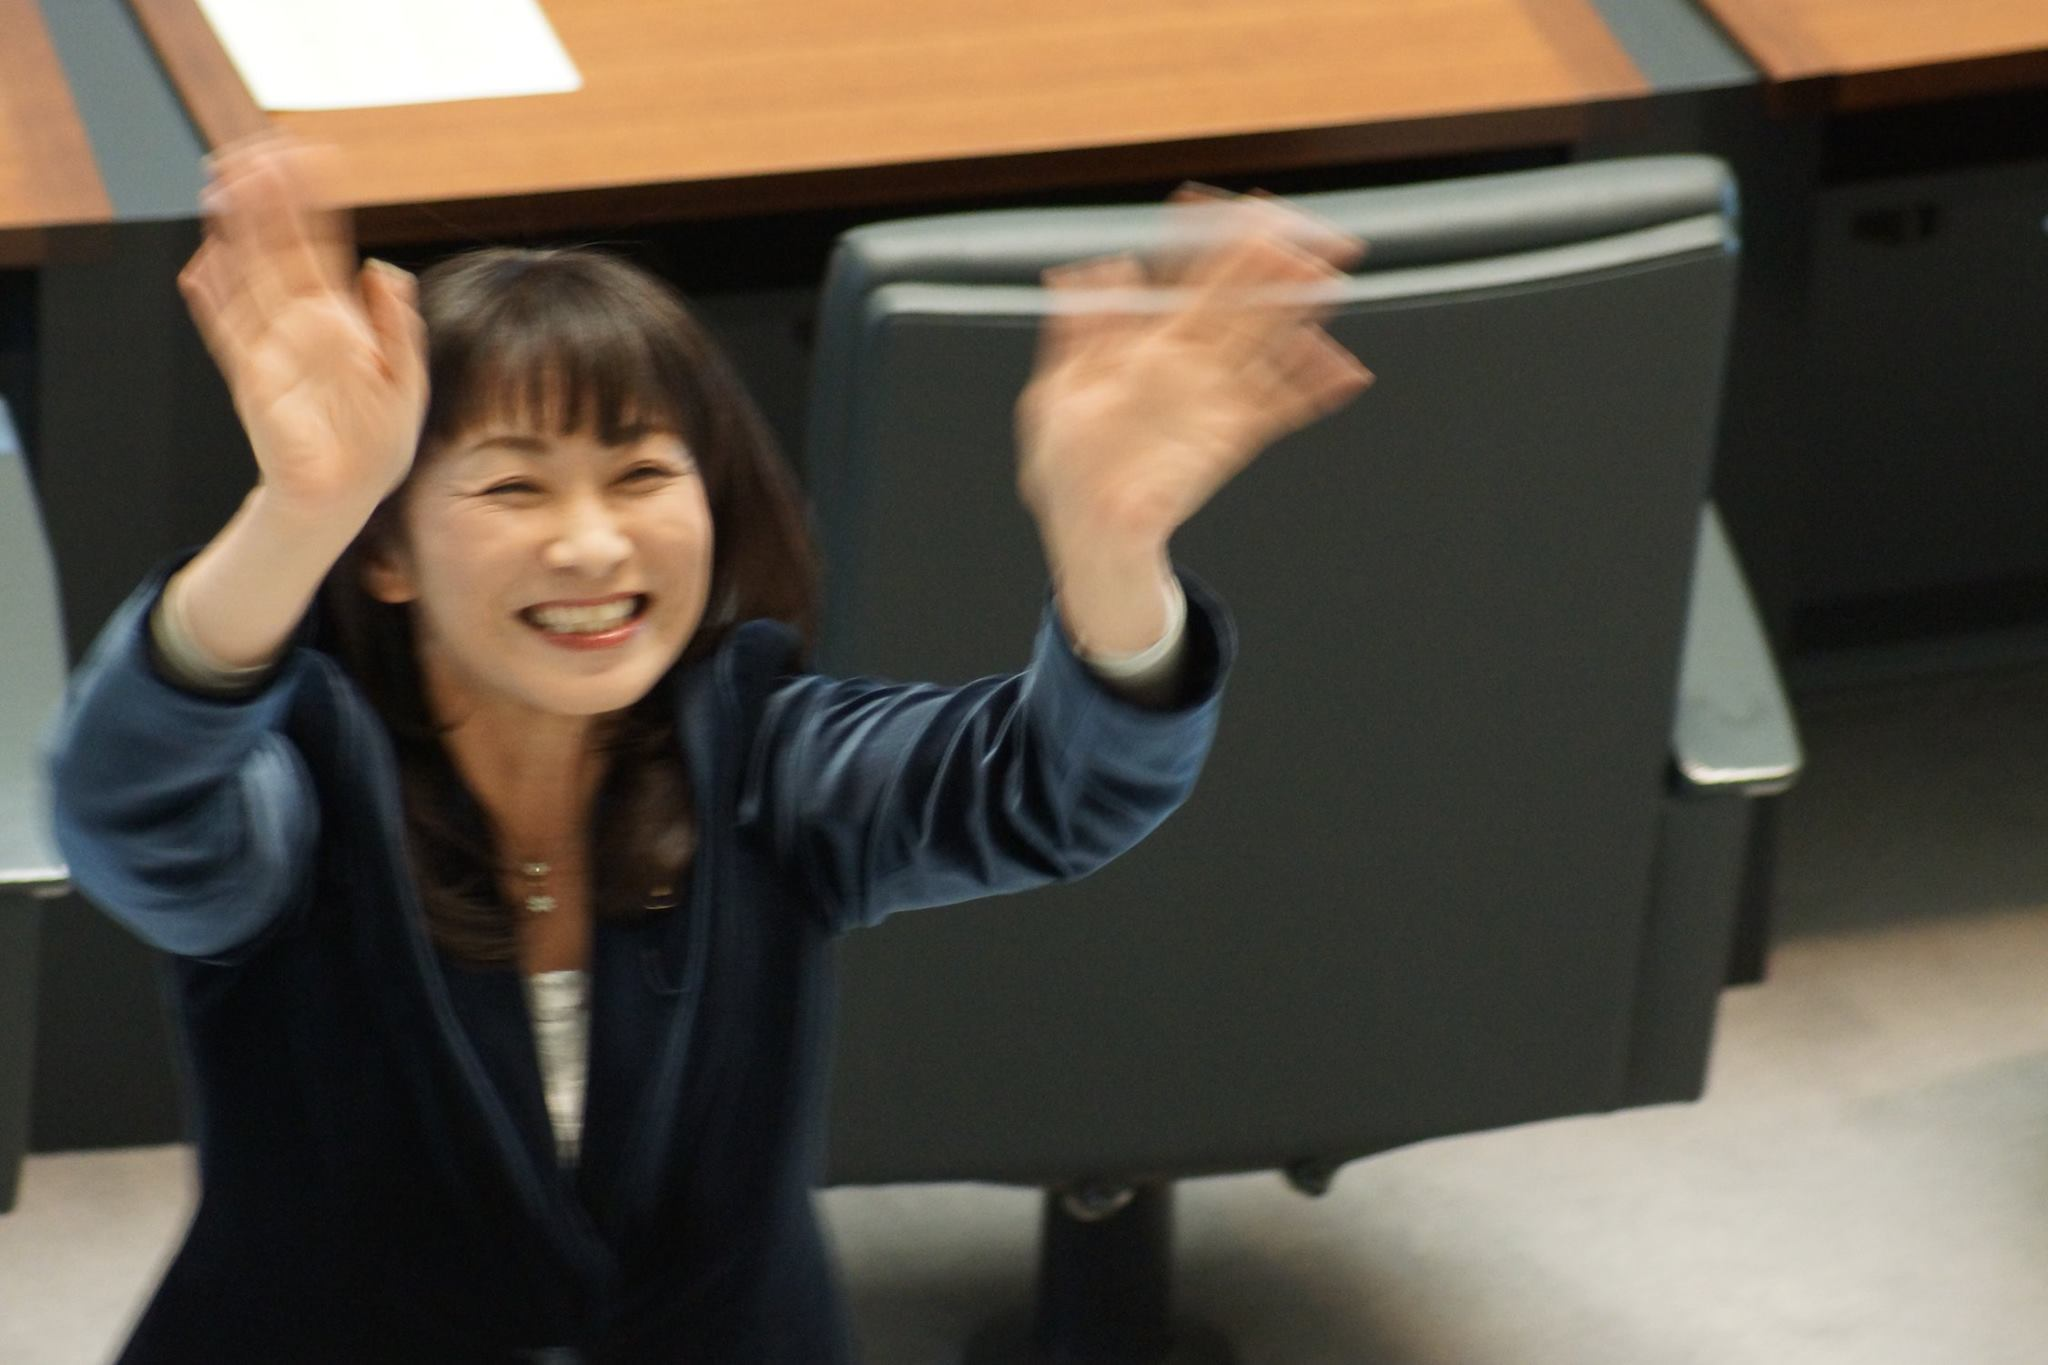 茨城県議会一般質問傍聴page-visual 茨城県議会一般質問傍聴ビジュアル